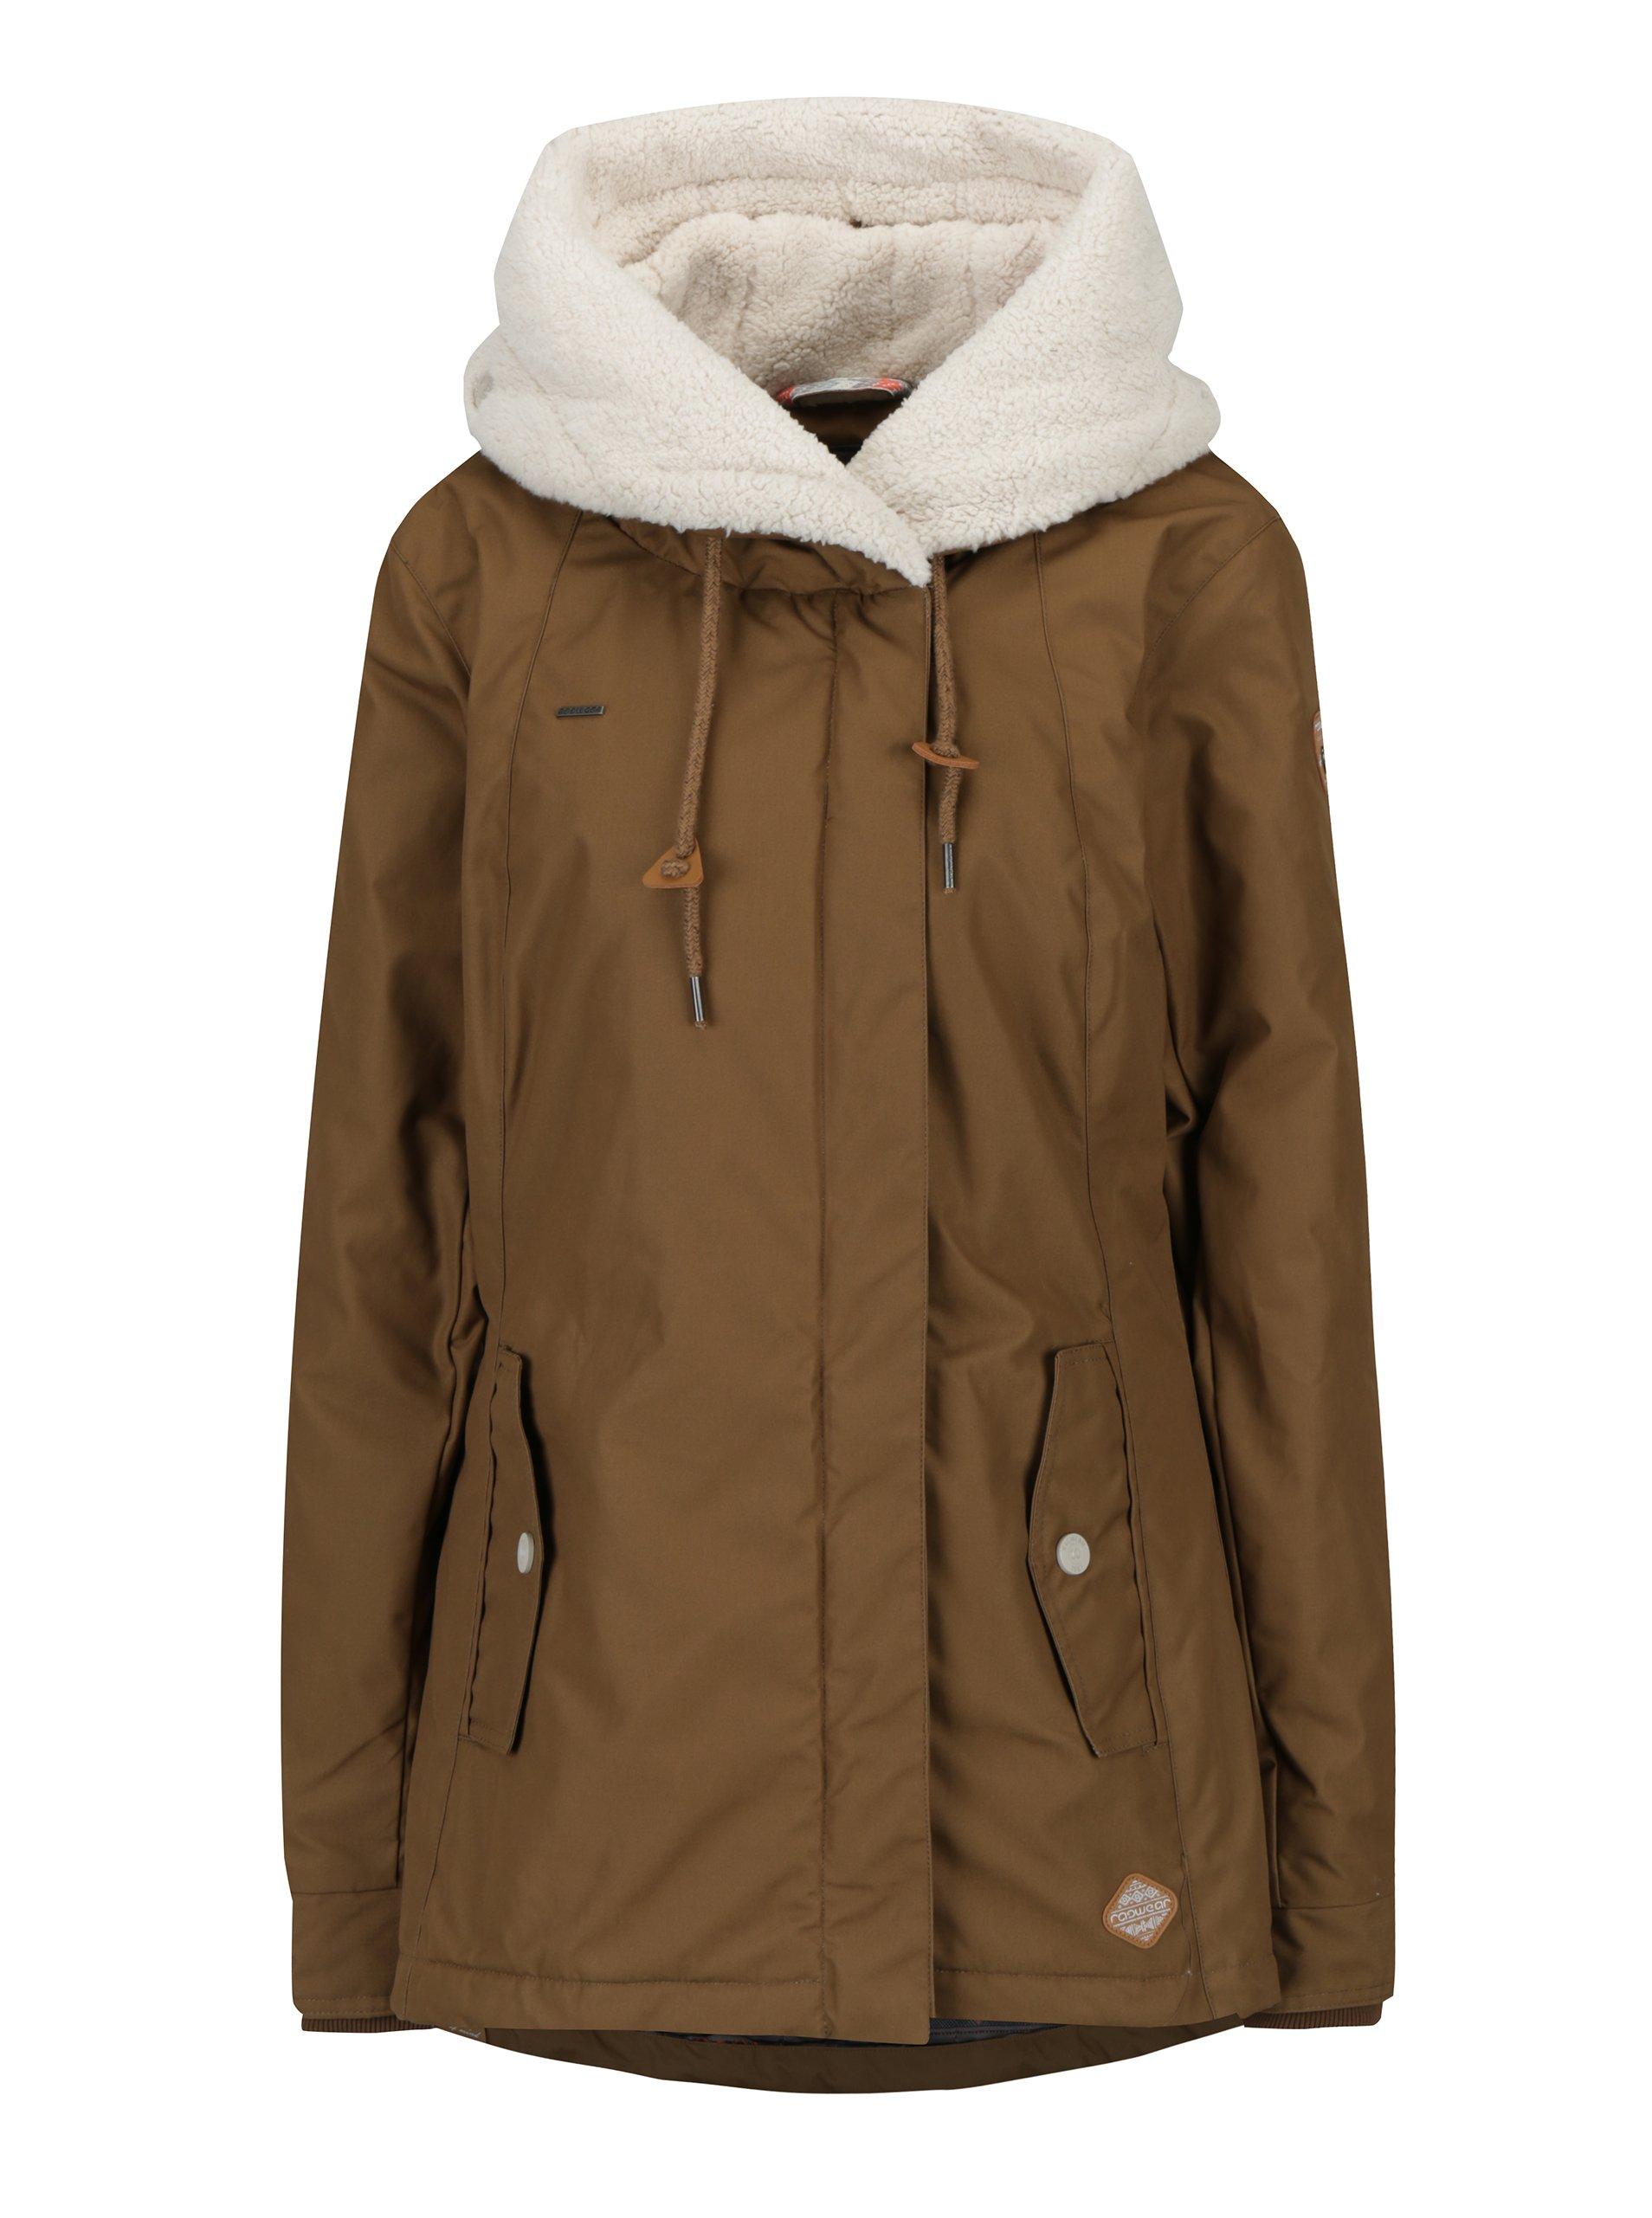 Hnědá dámská zimní bunda s kapucí a kapsami Ragwear Monica